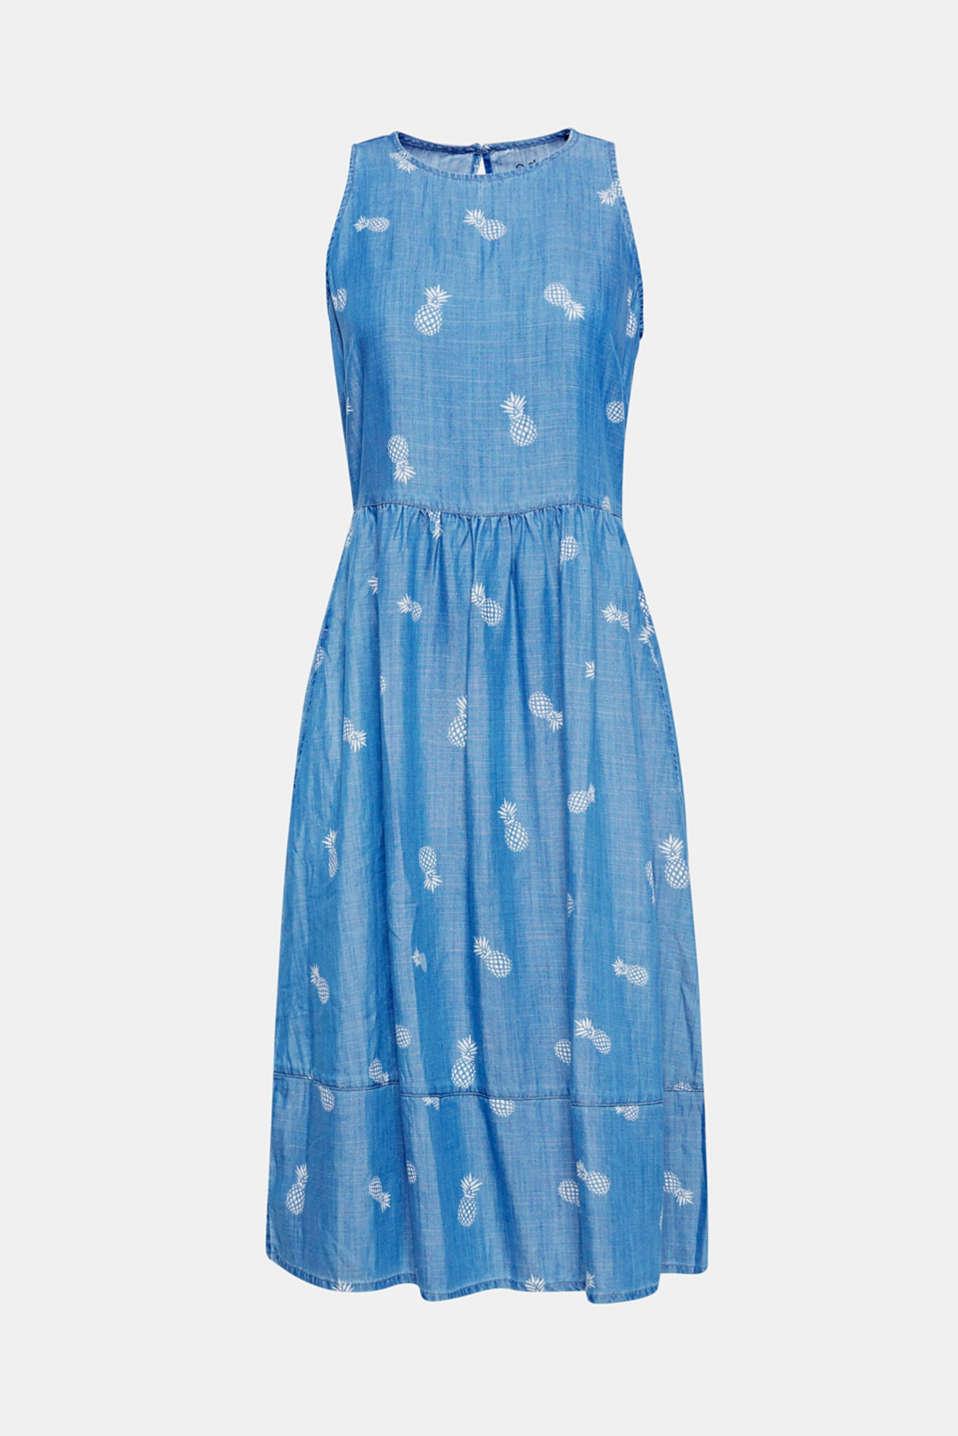 edc - Kleid in leichter Denim-Optik mit Ananas-Print im Online Shop ...